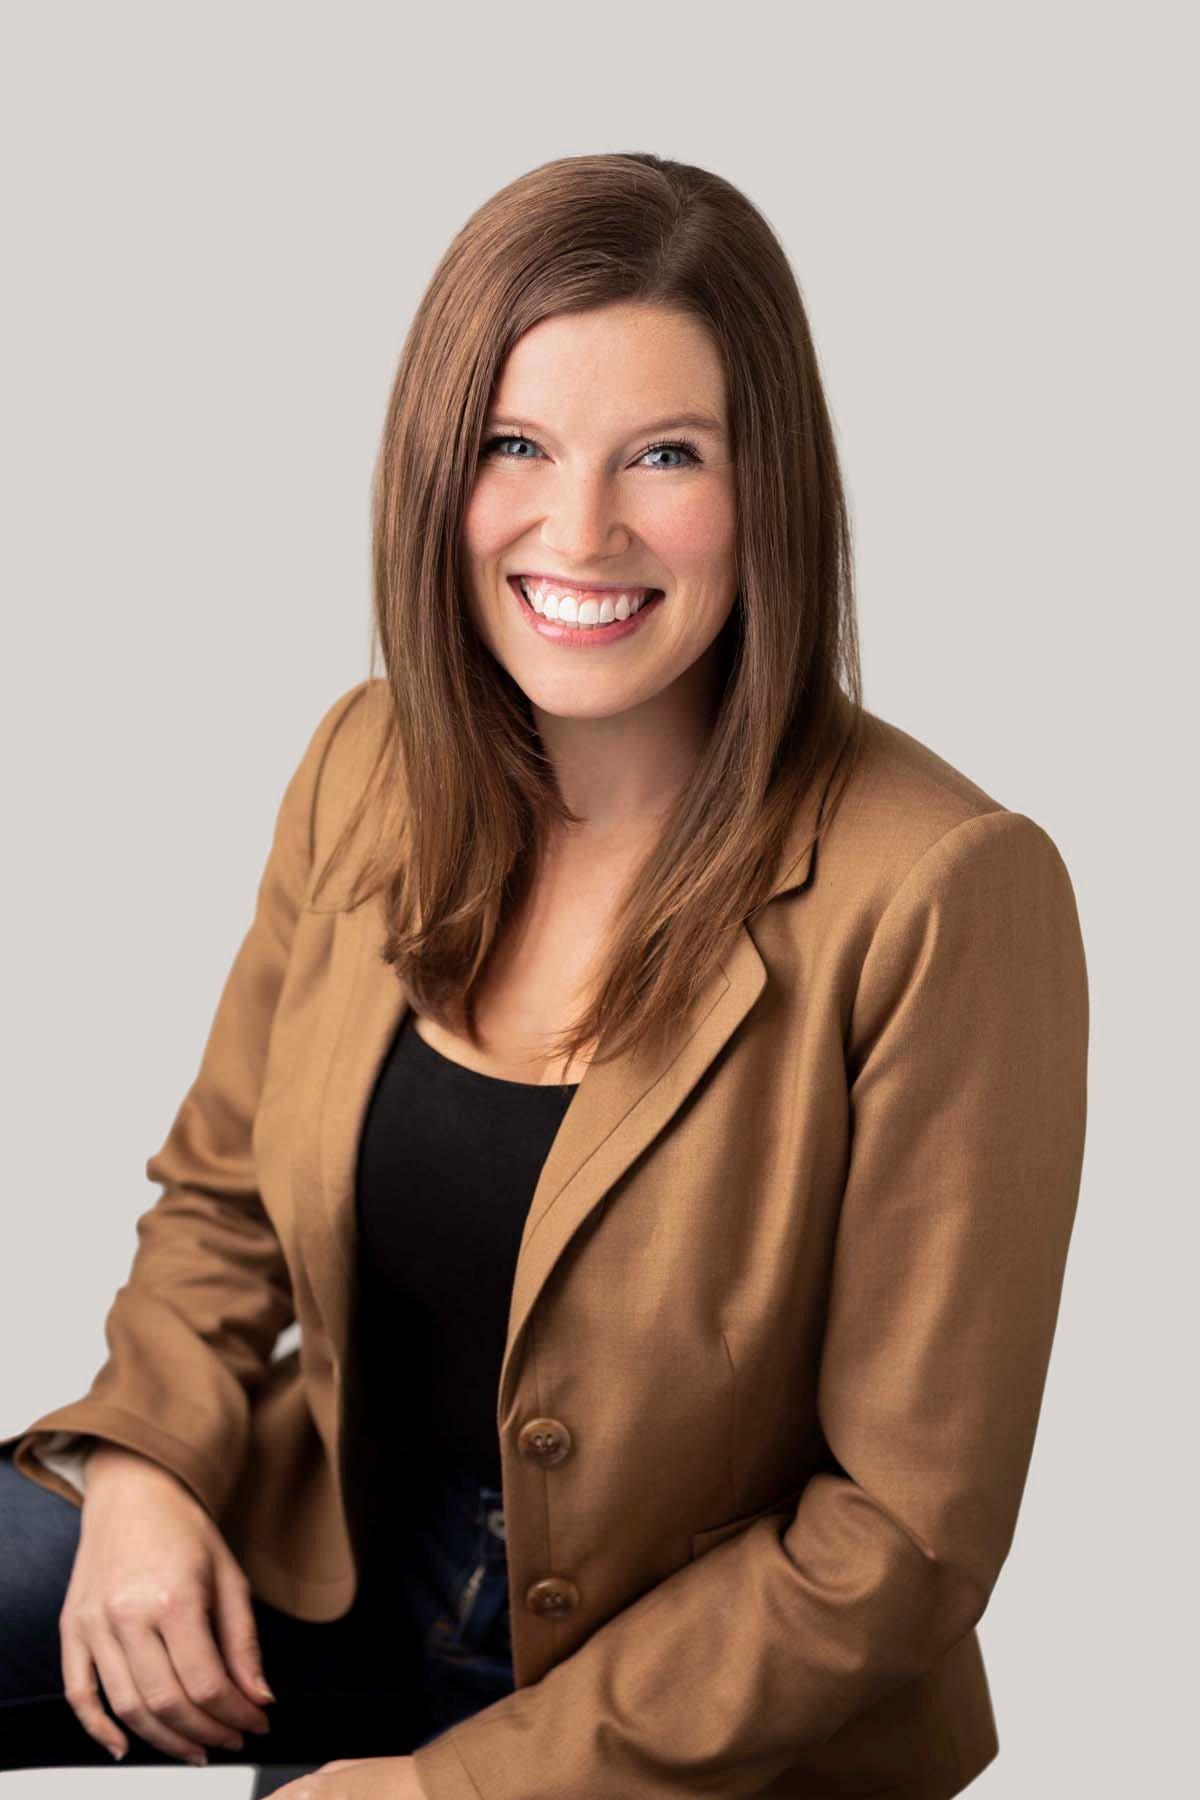 Felicia Adamson